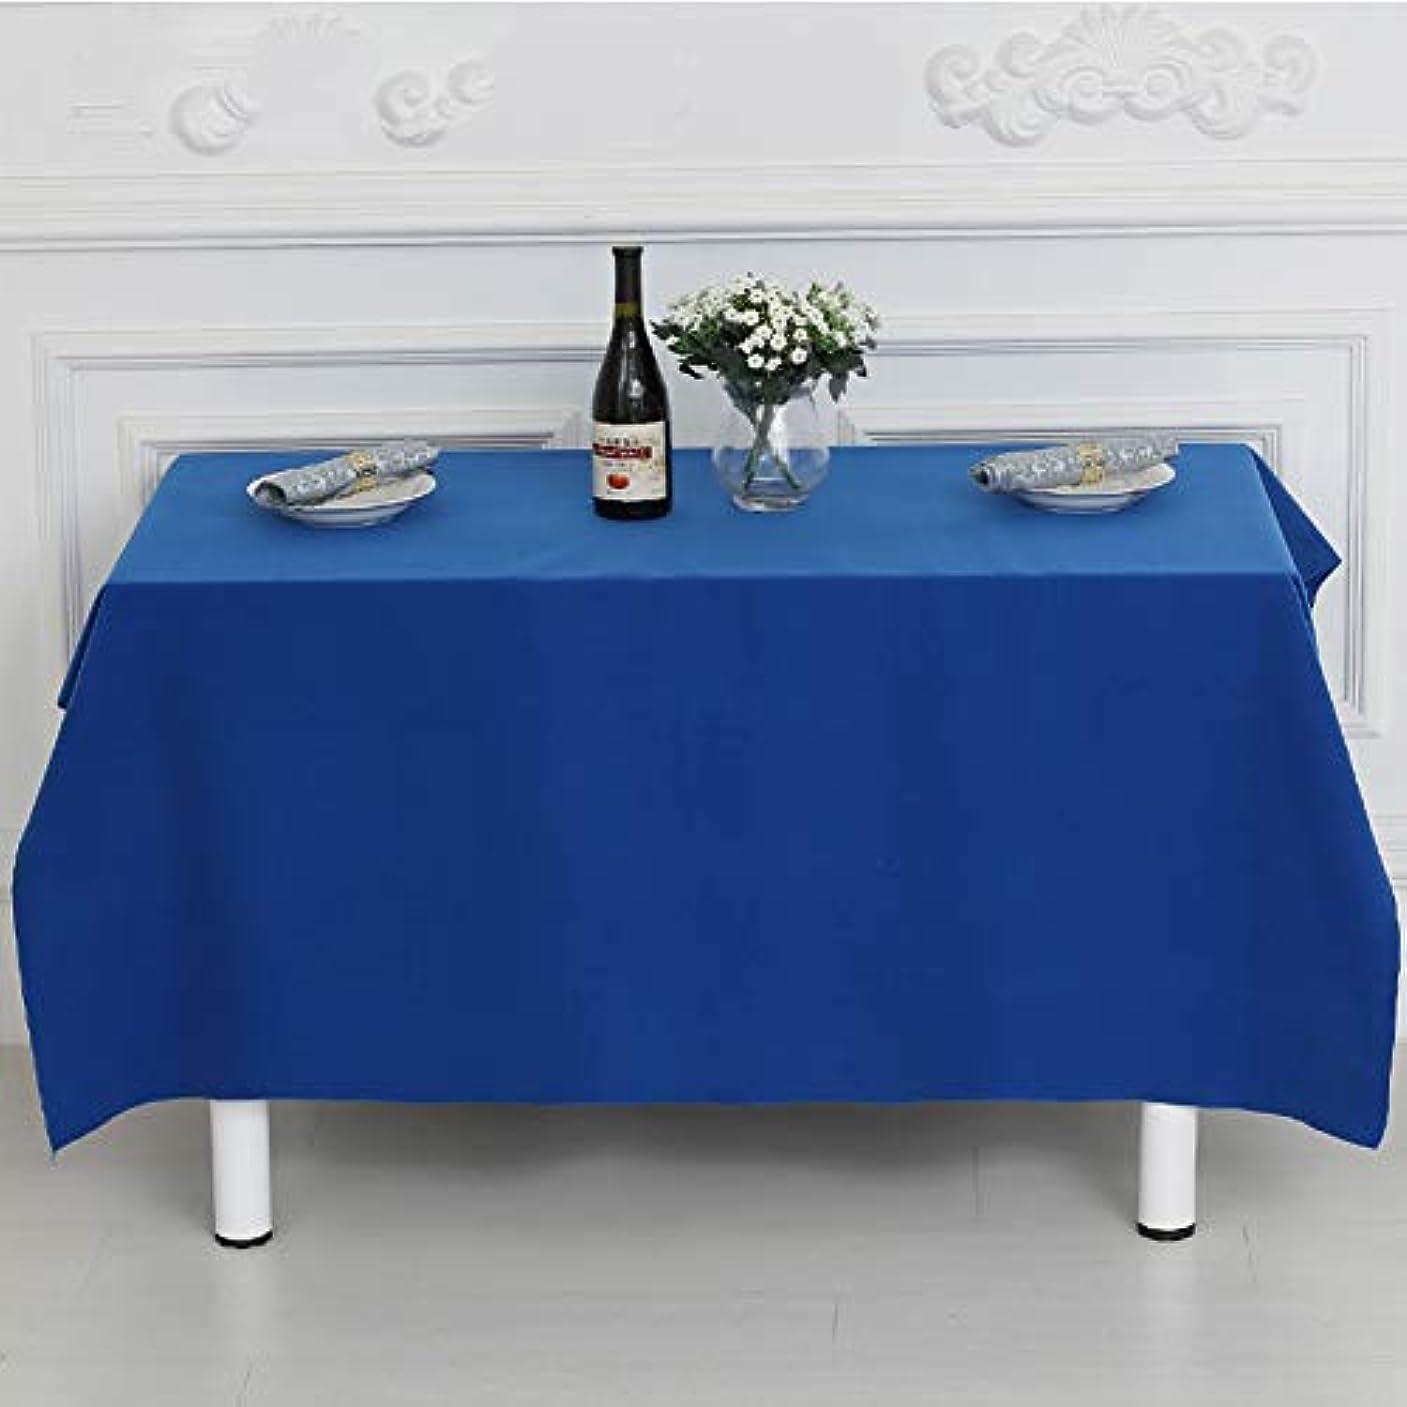 特派員靴プレフィックス無地ポリエステル テーブル クロス,頑丈な防水こぼれ防止 テーブルカバー 長方形の太さ テーブル プロテクター-ロイヤルブルー 100x150cm